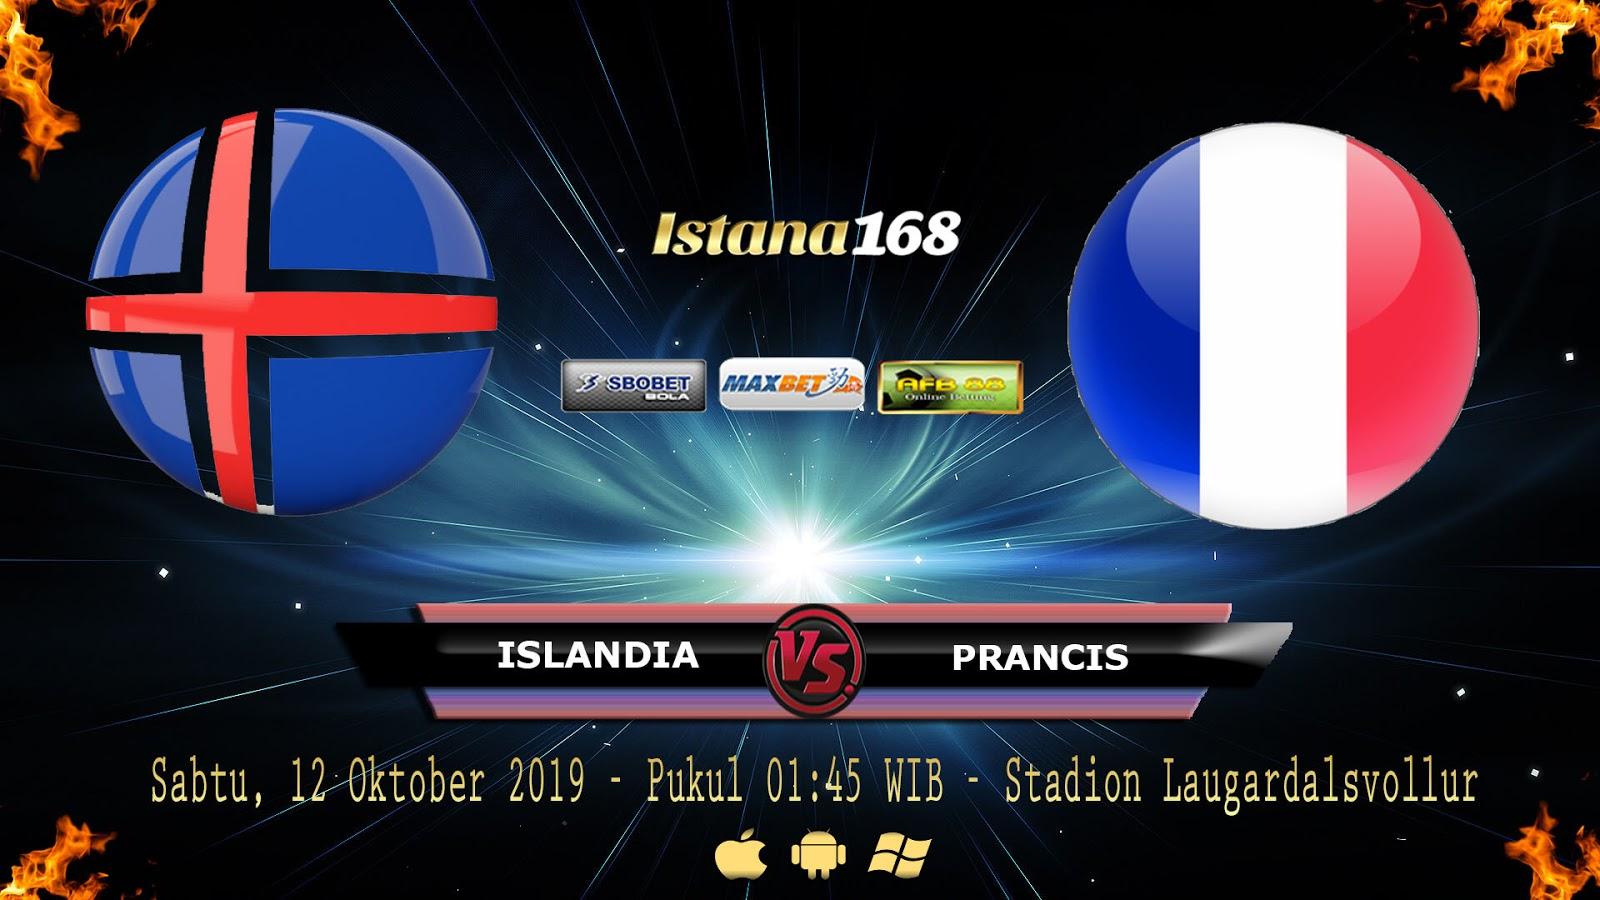 Prediksi Islandia vs Prancis 12 Oktober 2019